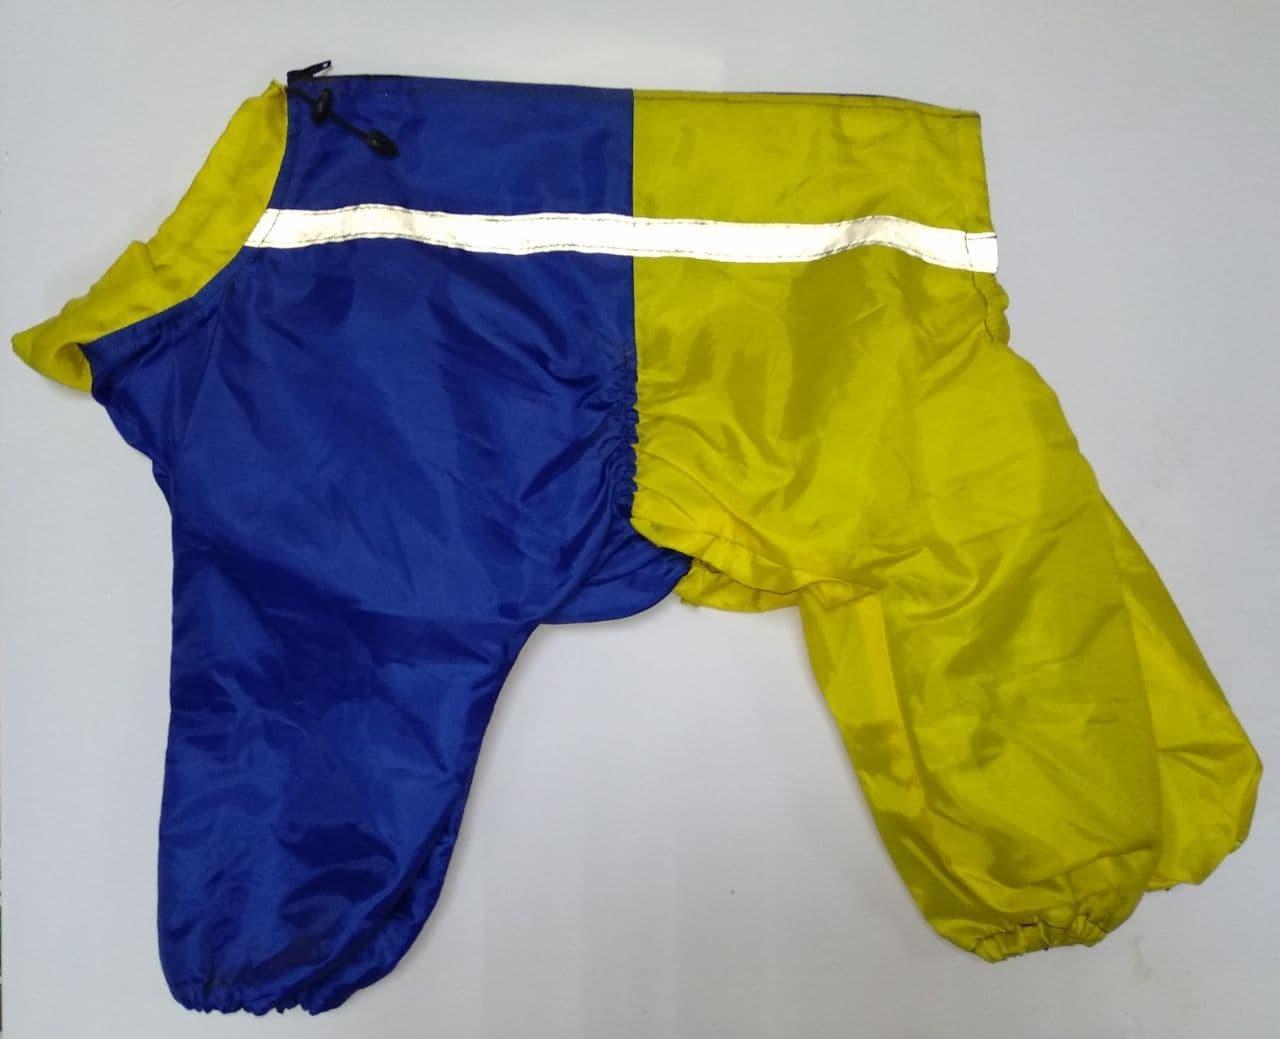 Комбінезон-дощовик для Піт бультер'єра зі світловідбиваючою смужкою, синьо-жовтий